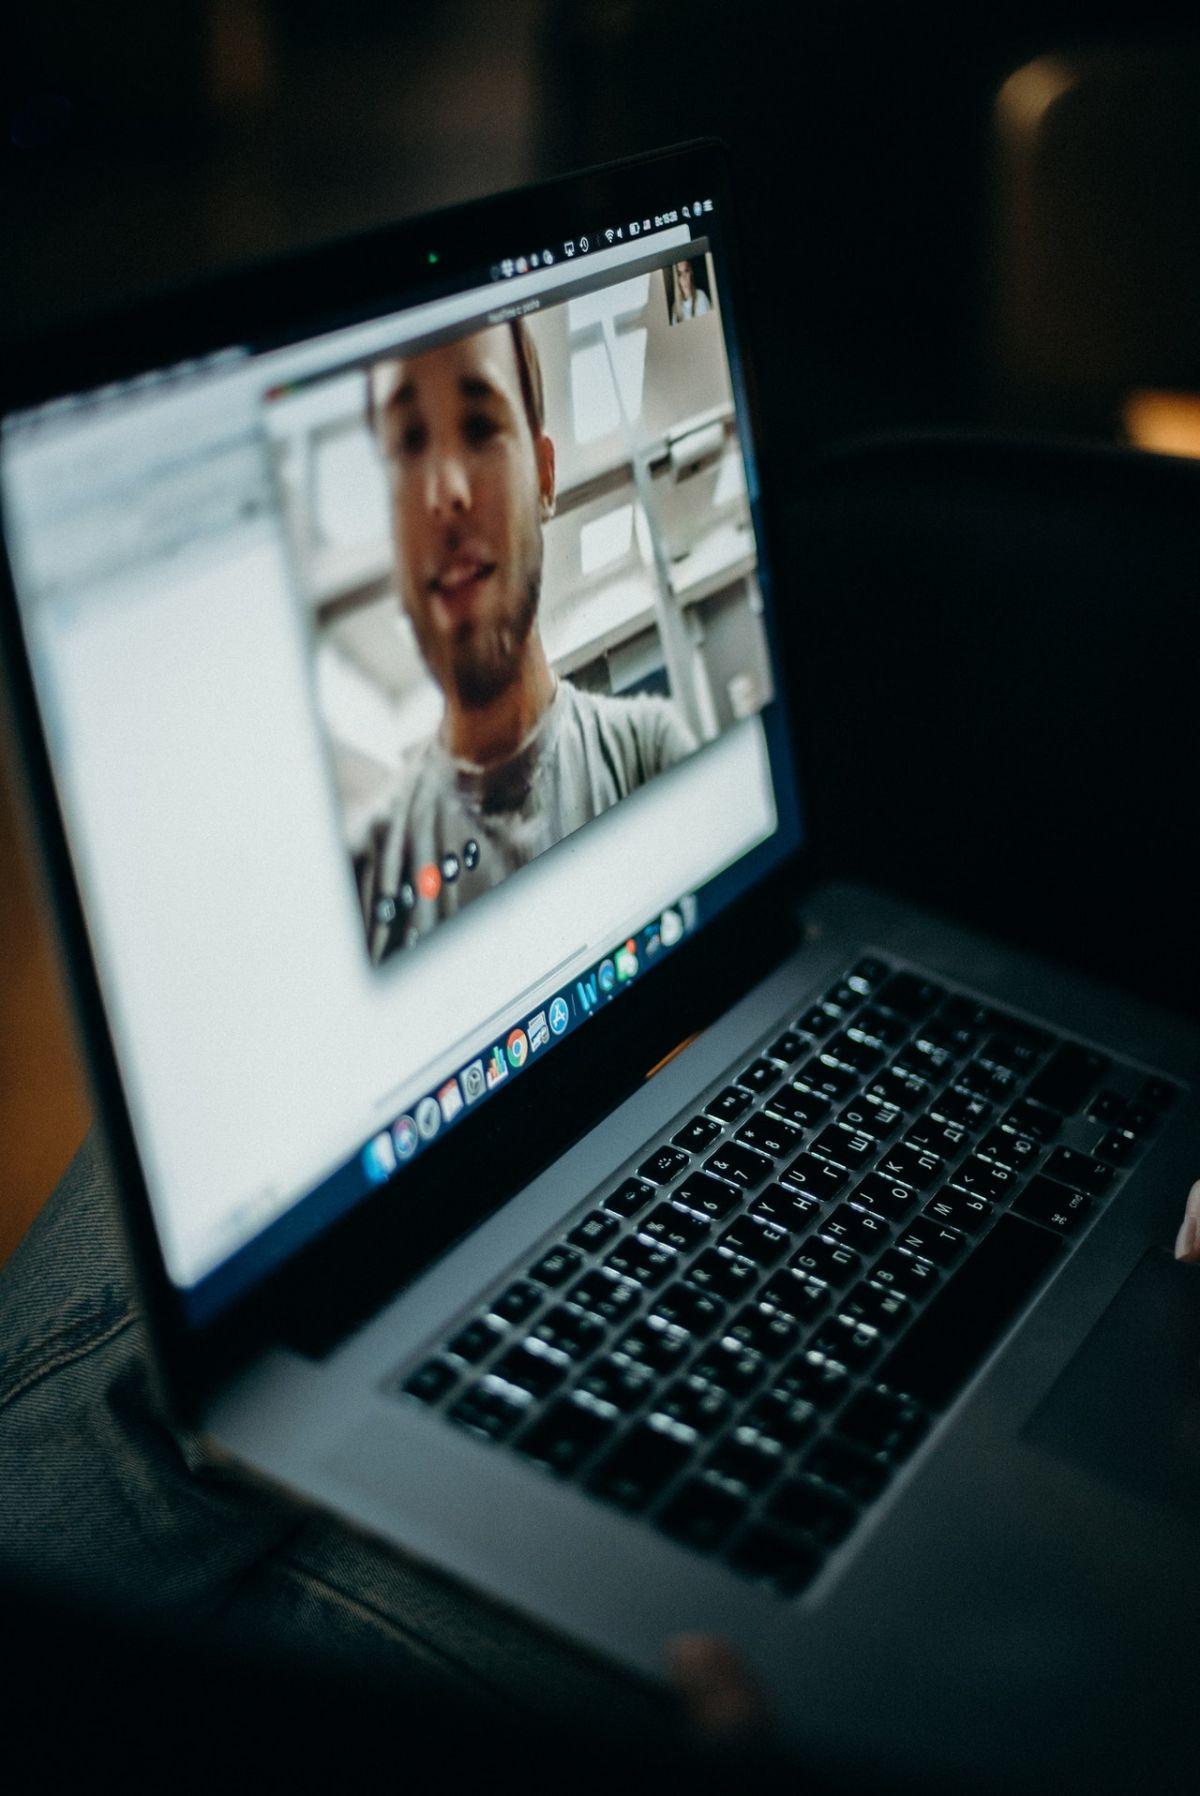 Trabaja para Zoom, van a contratar a personas de todo el mundo en modalidad home office